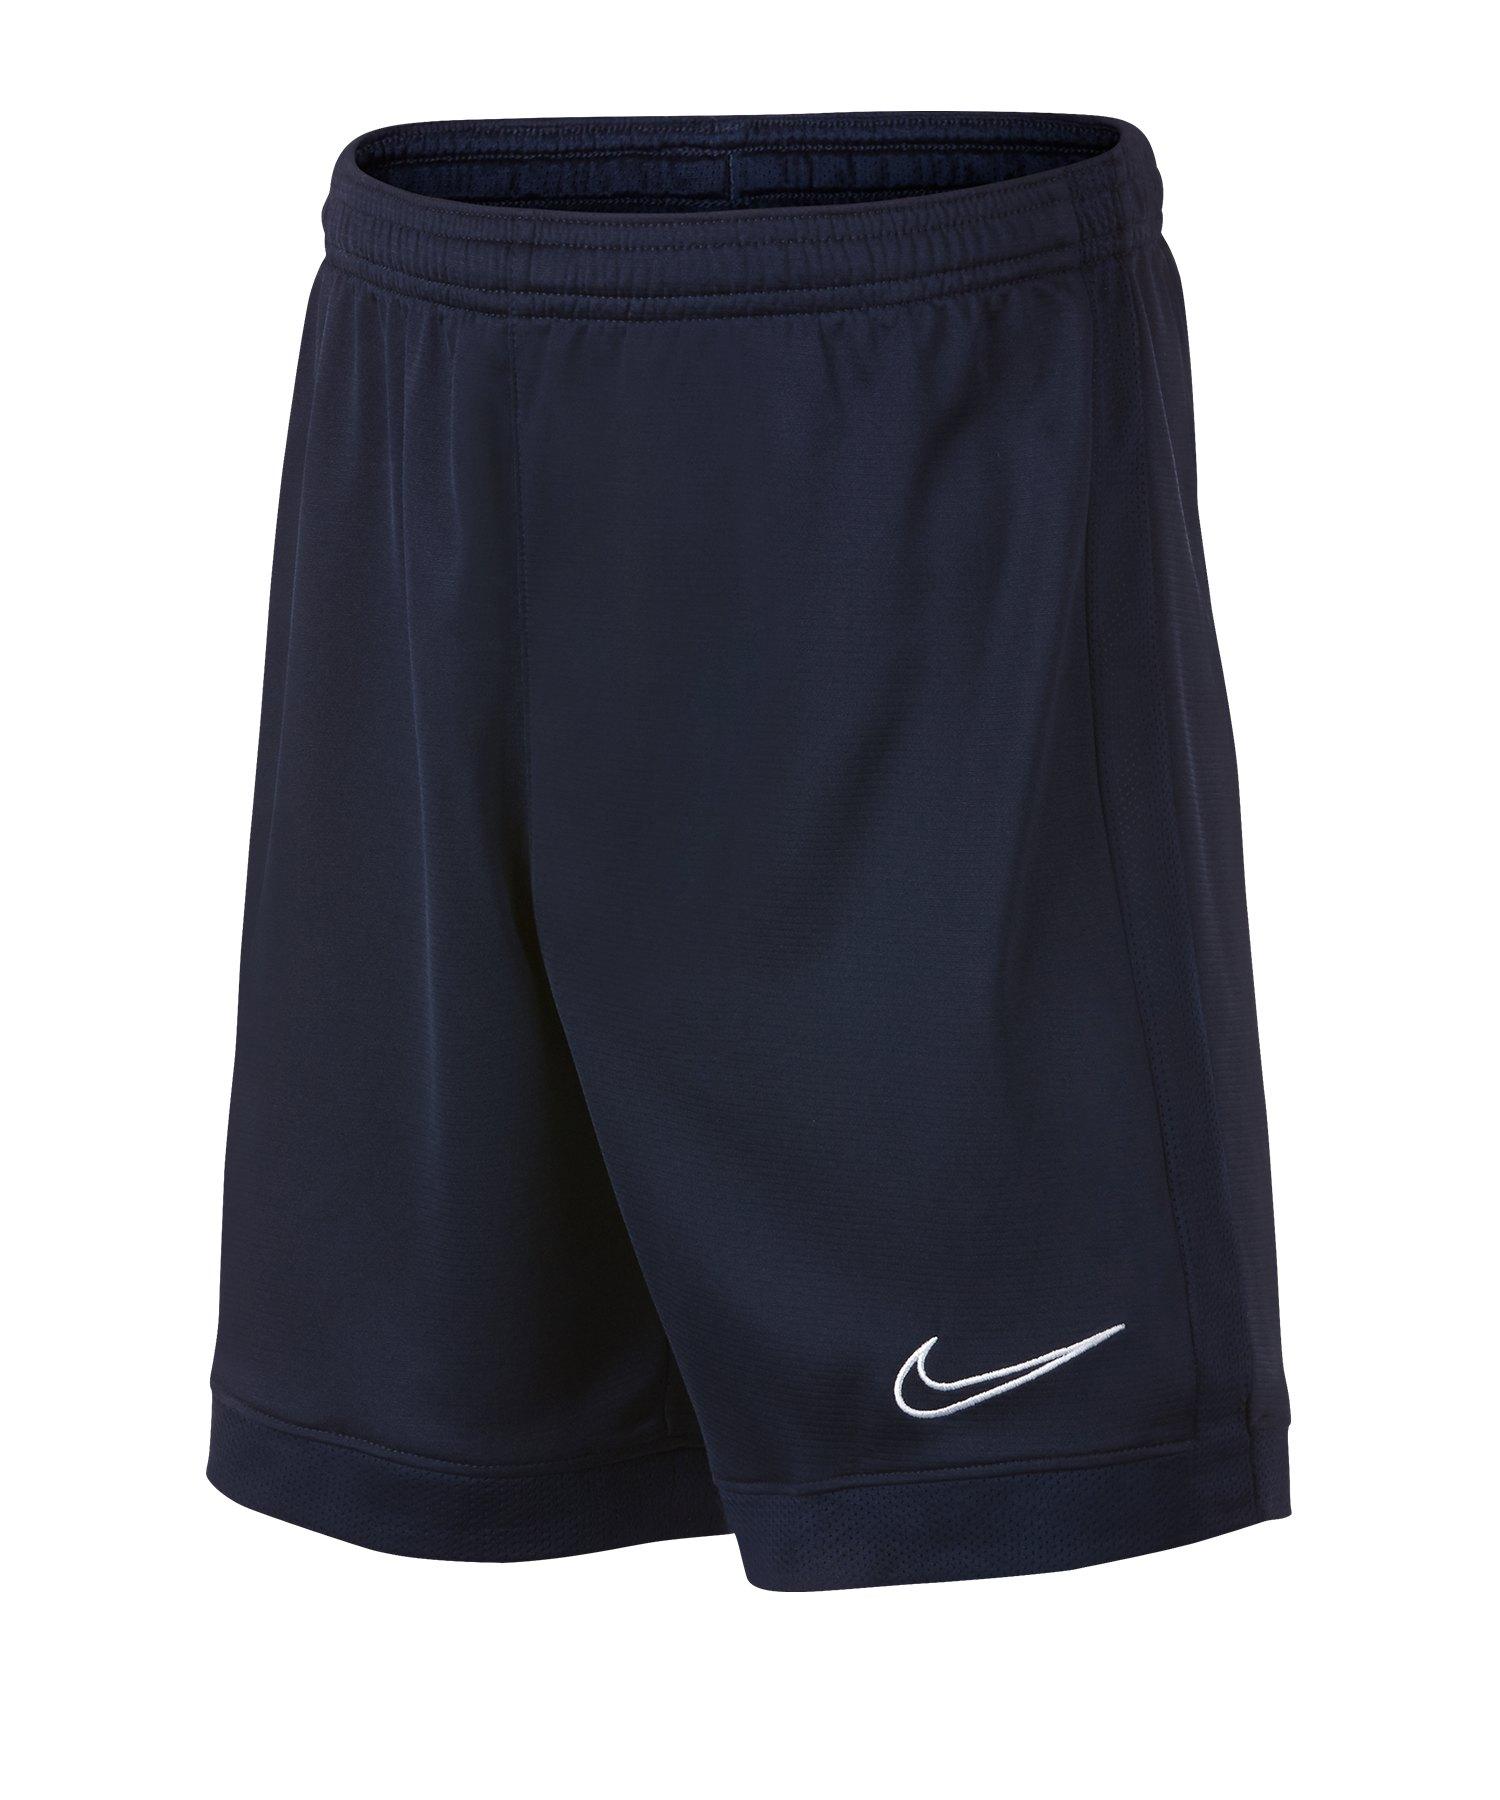 Nike Academy Dri-FIT Short Kids Blau F452 - blau